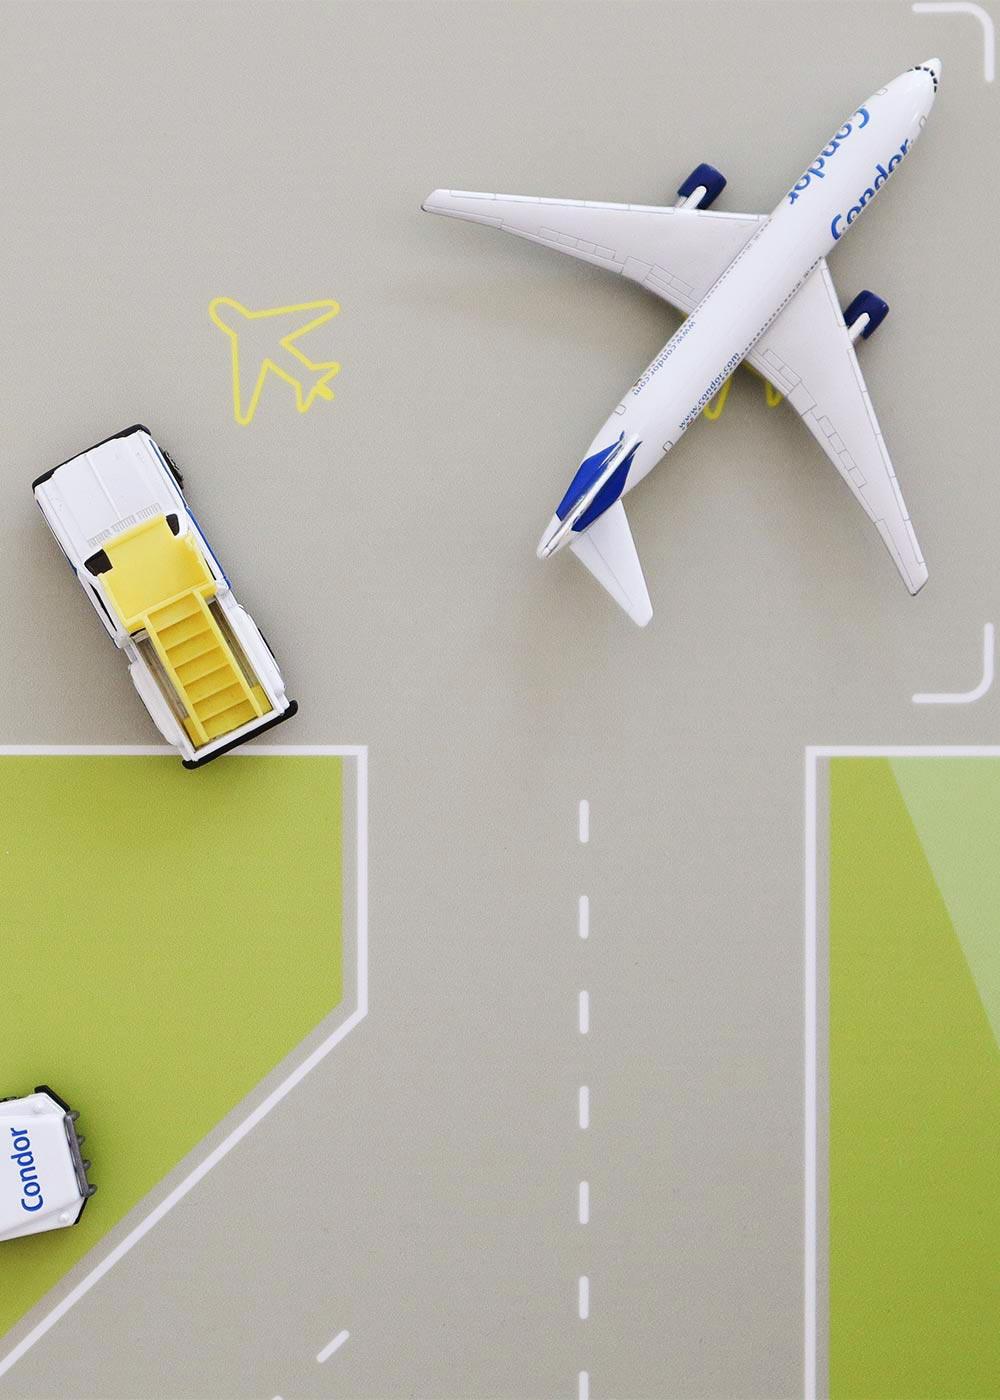 Ikea Smastad Bank Landebahn Flugzeug